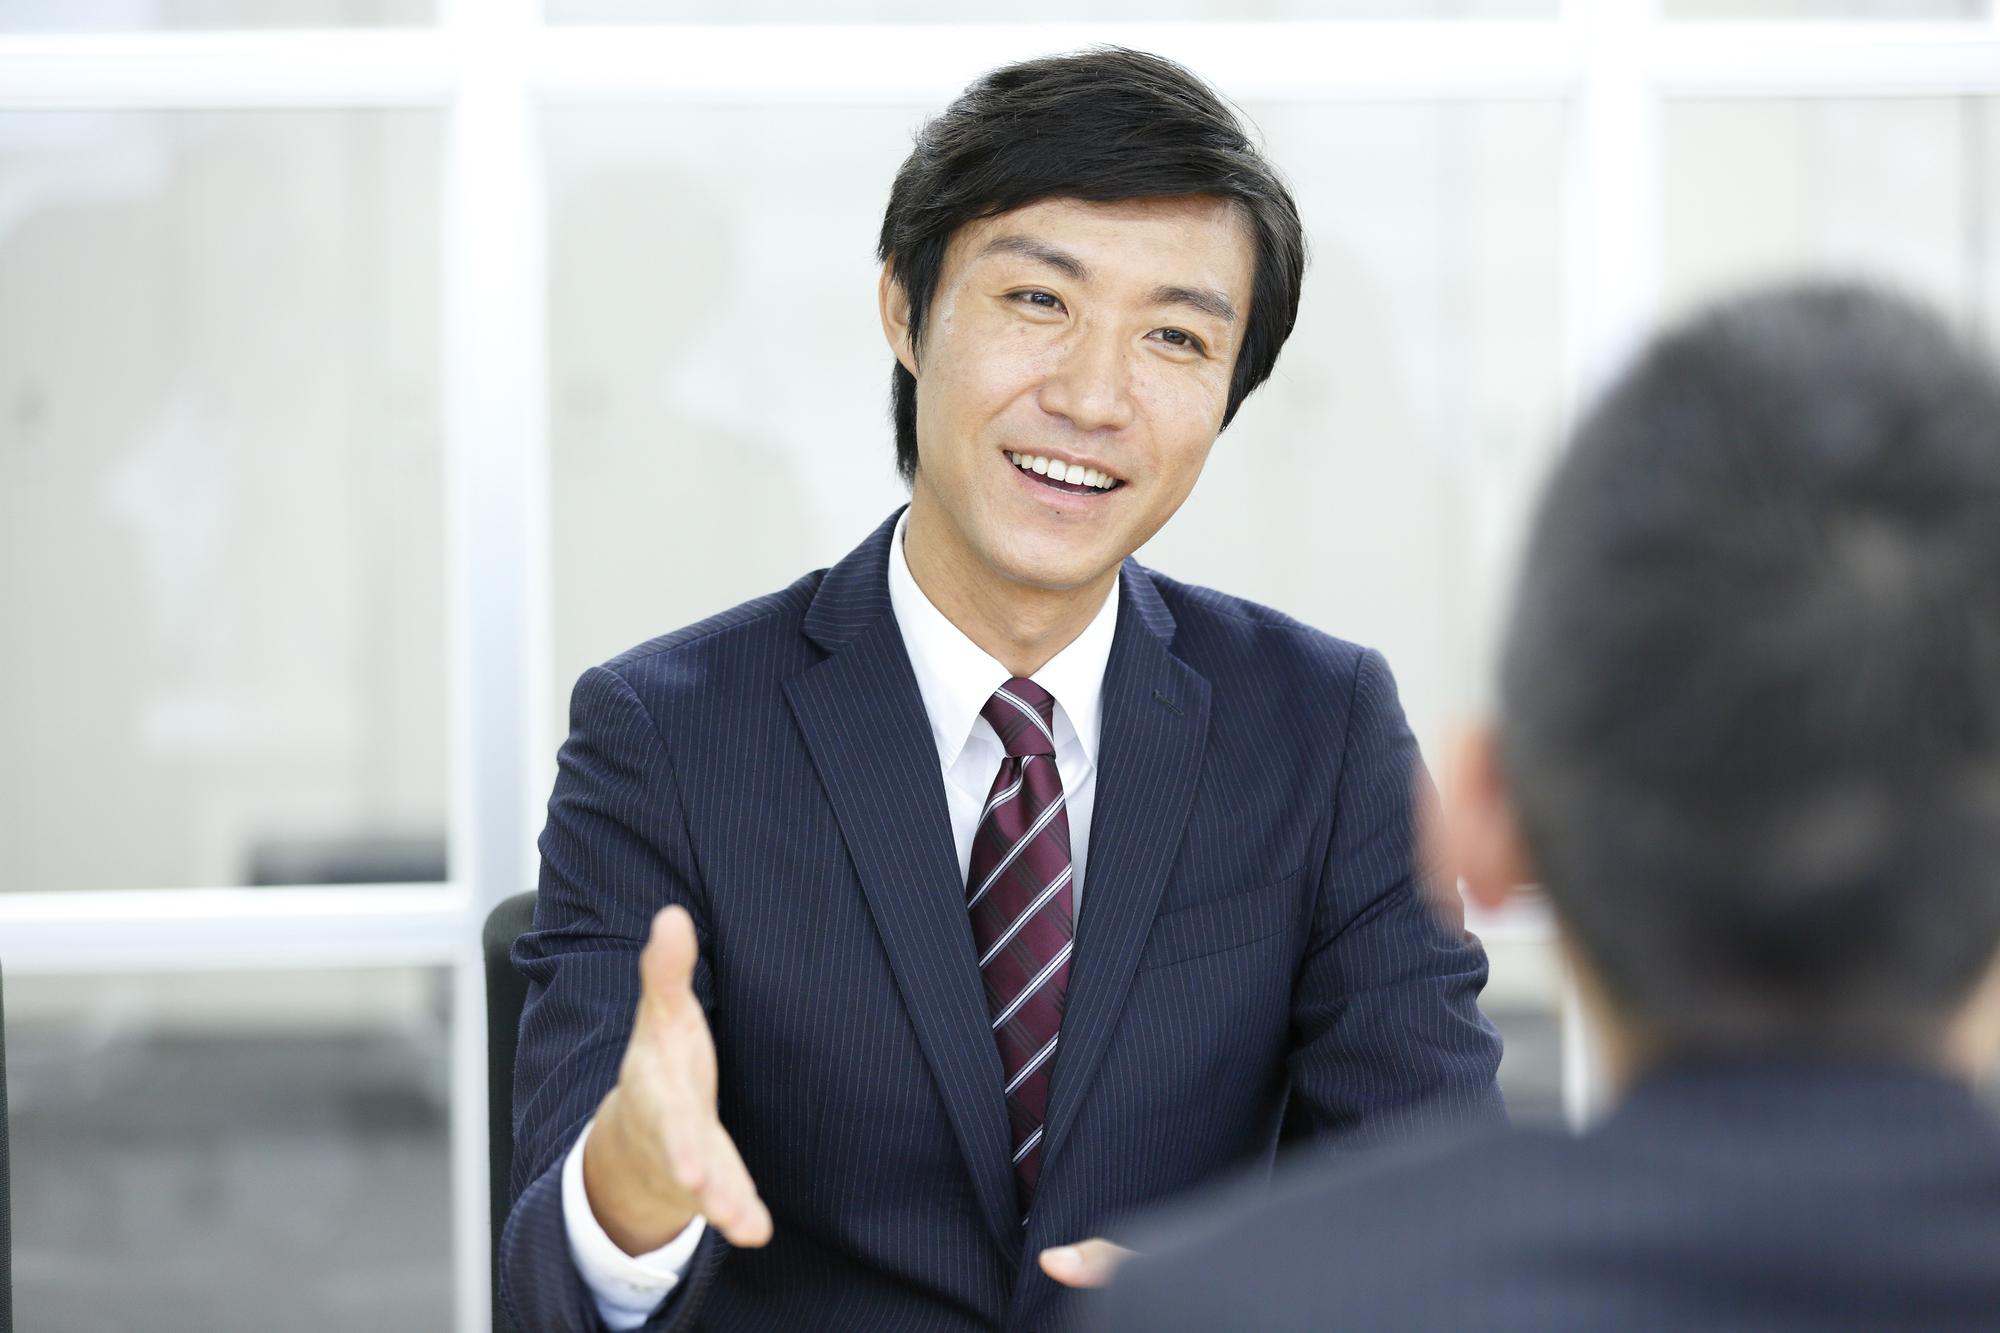 そもそも営業の意味って何?営業職が考えるべき3つのポイント